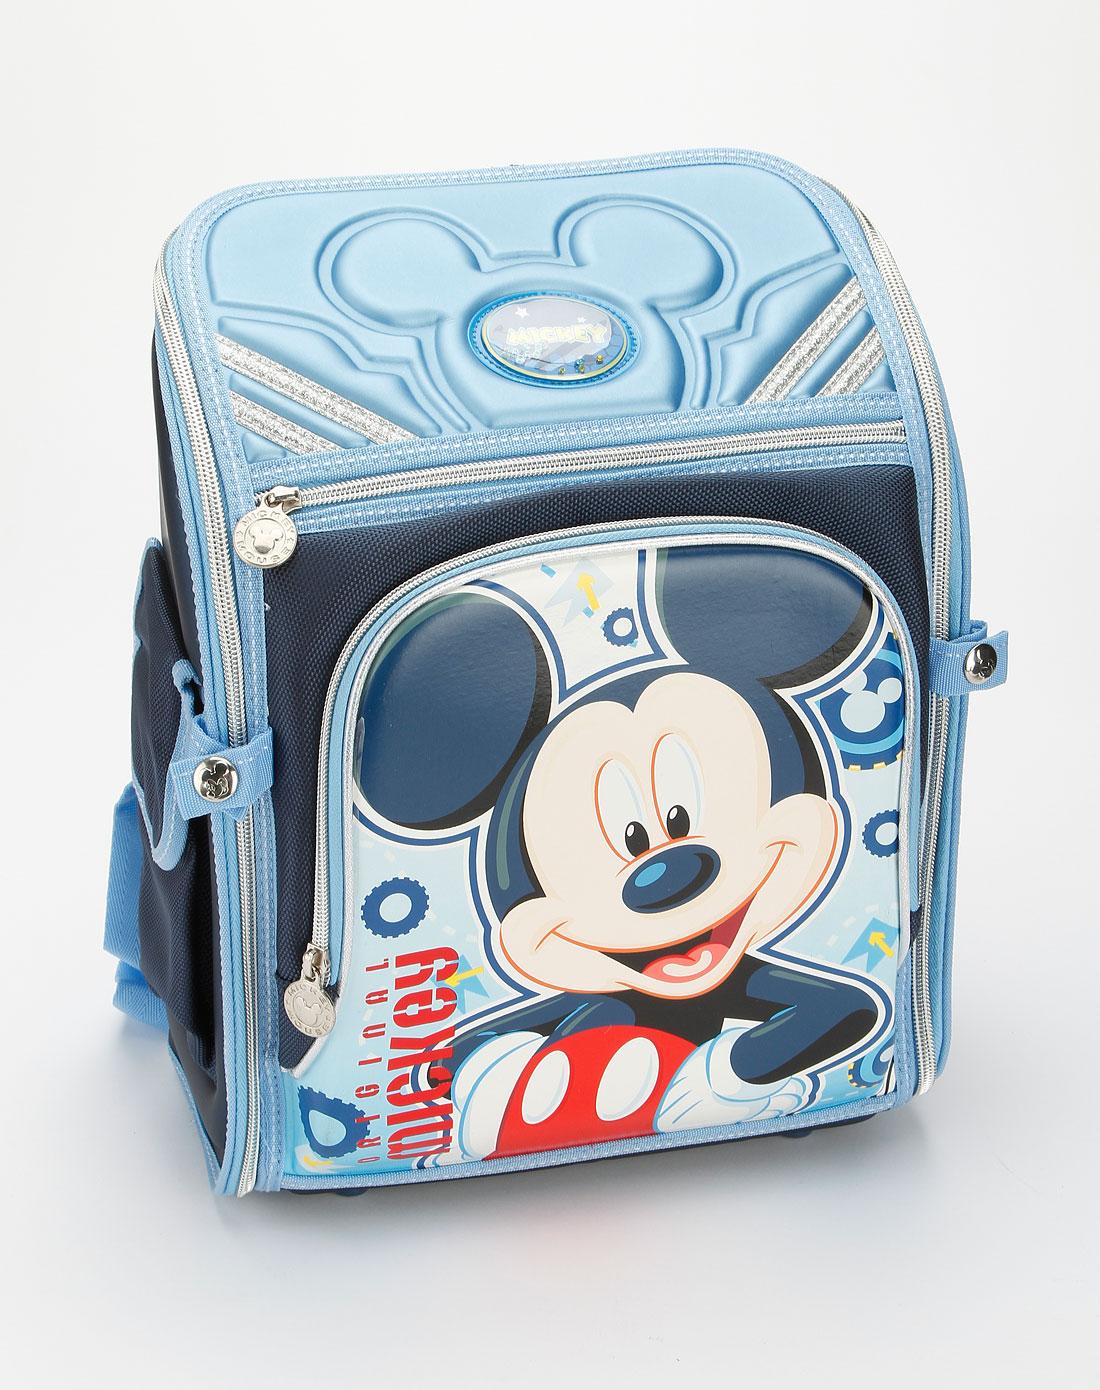 迪士尼disney儿童用品专场男童蓝色米奇减负学生书包